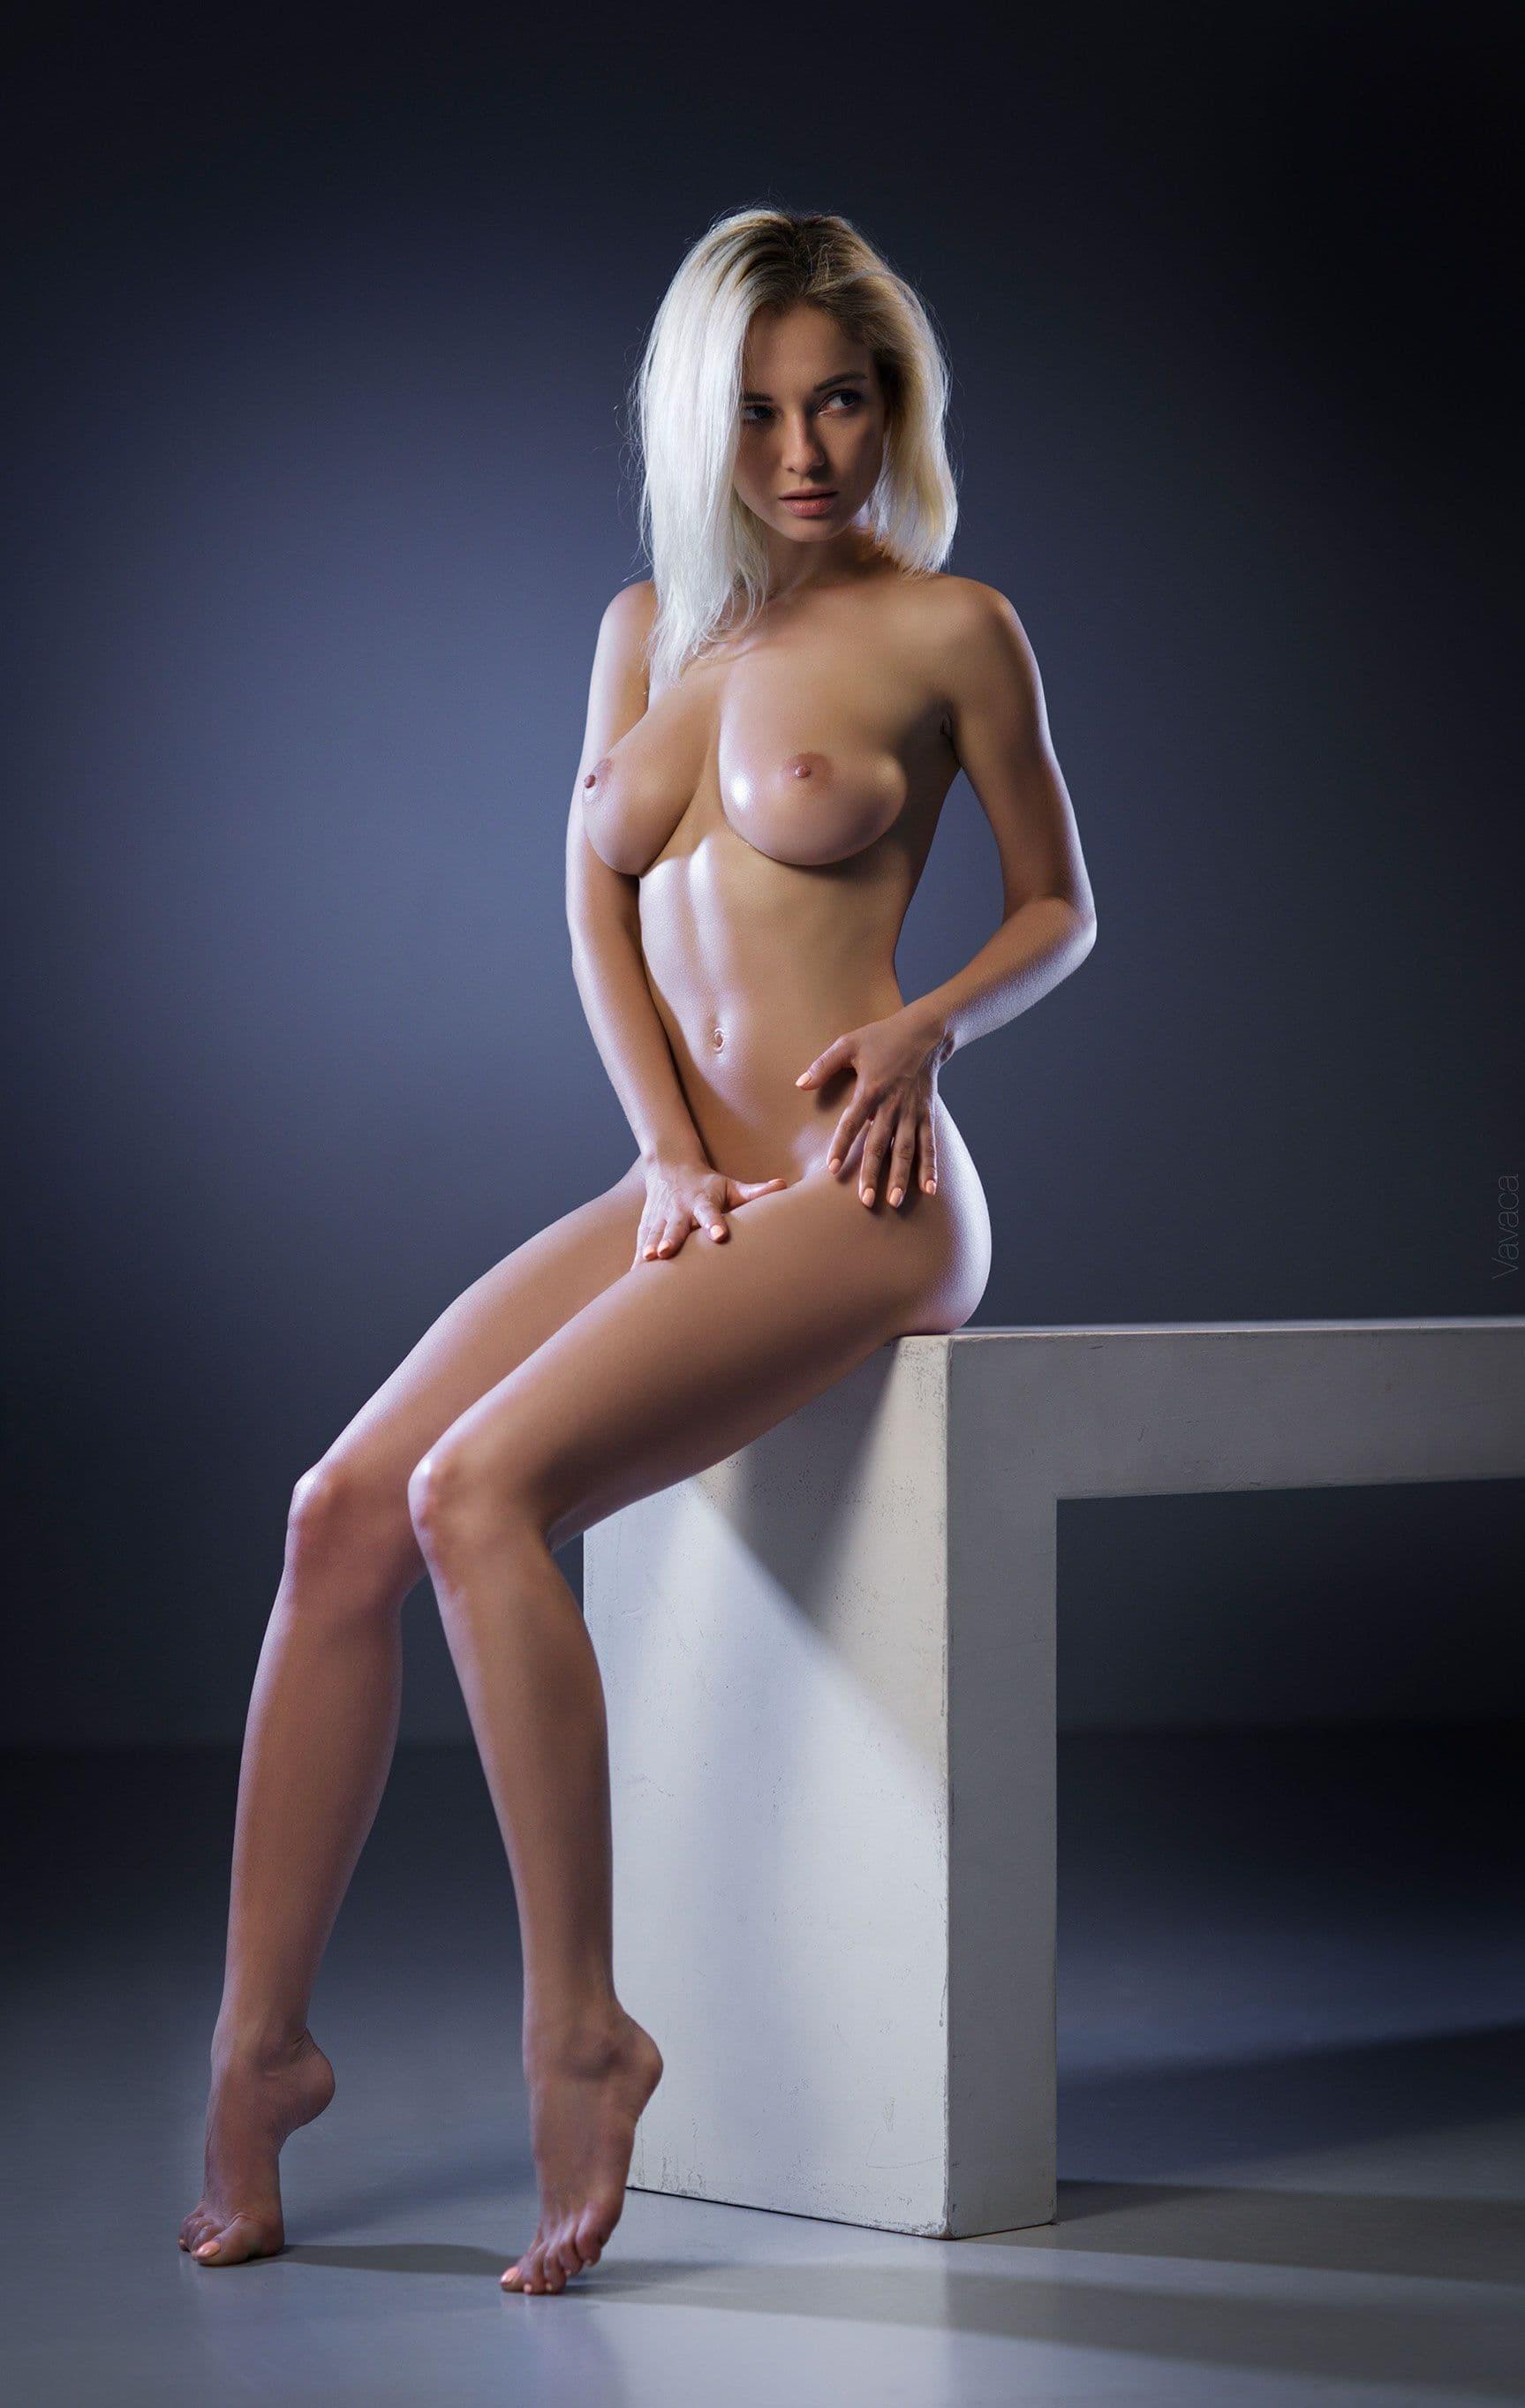 Дамочк с висячими натуральными сиськами - фото